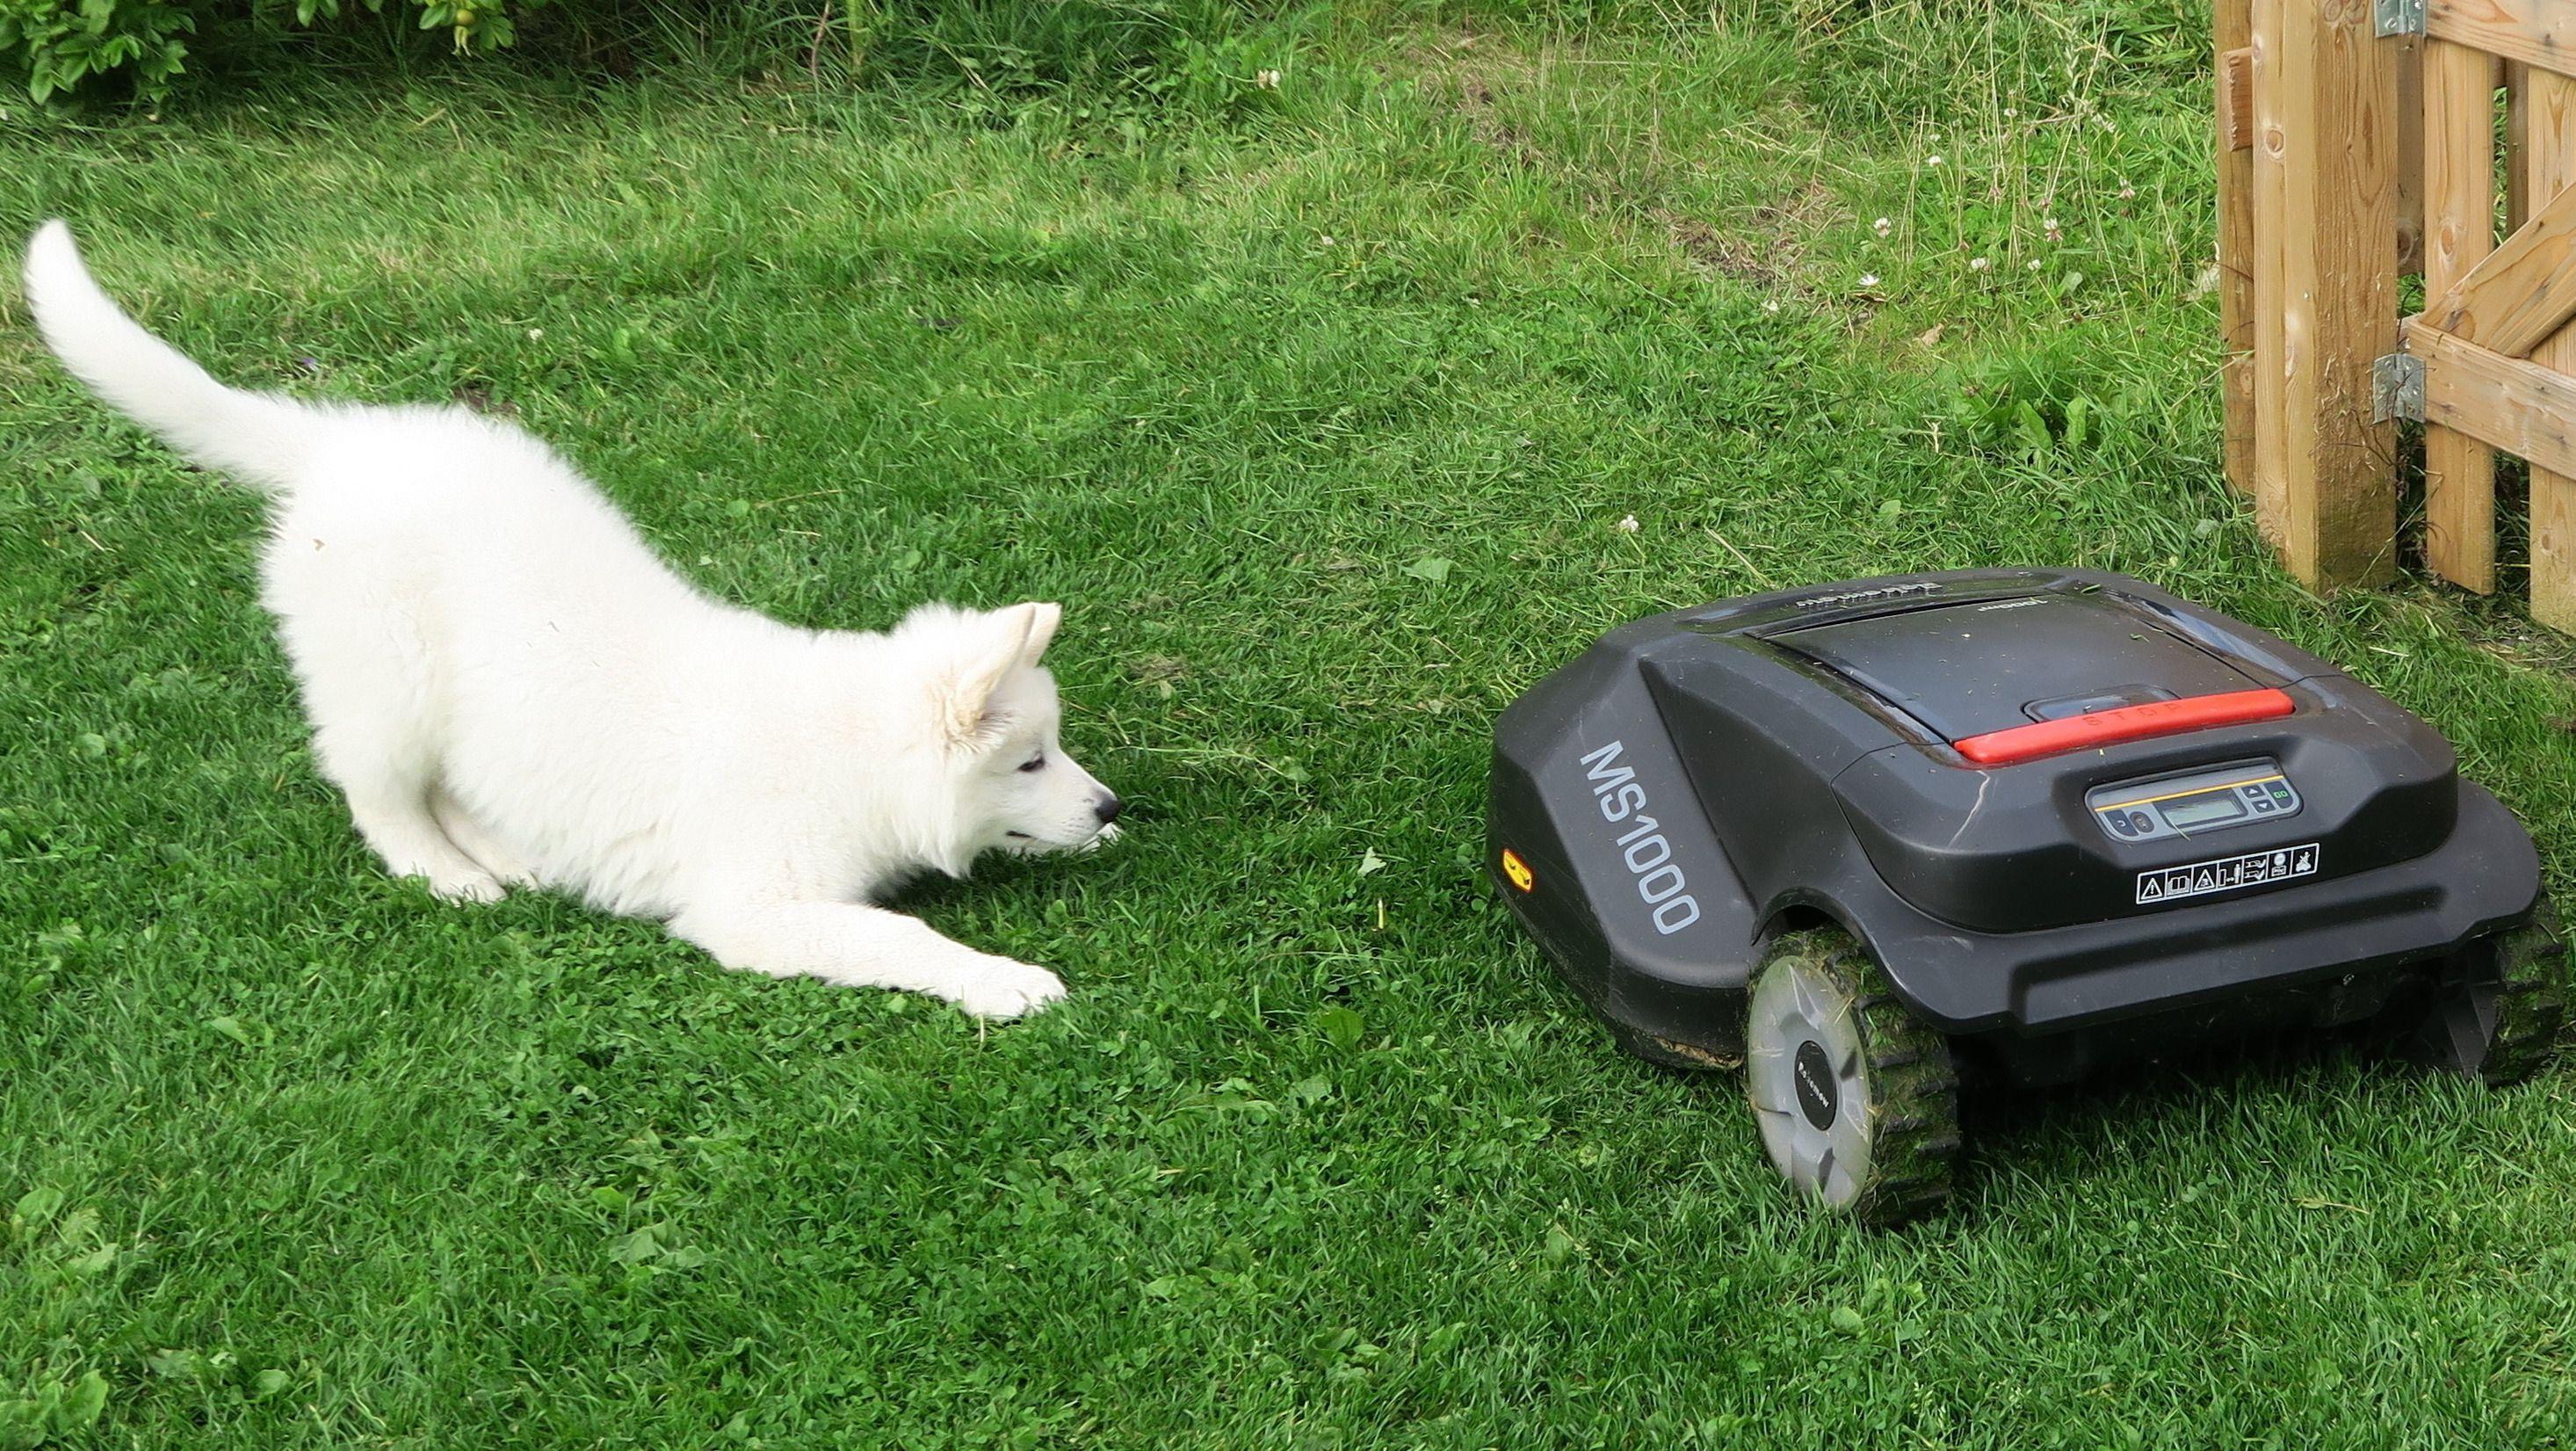 Få grønnere gress med robotklipper